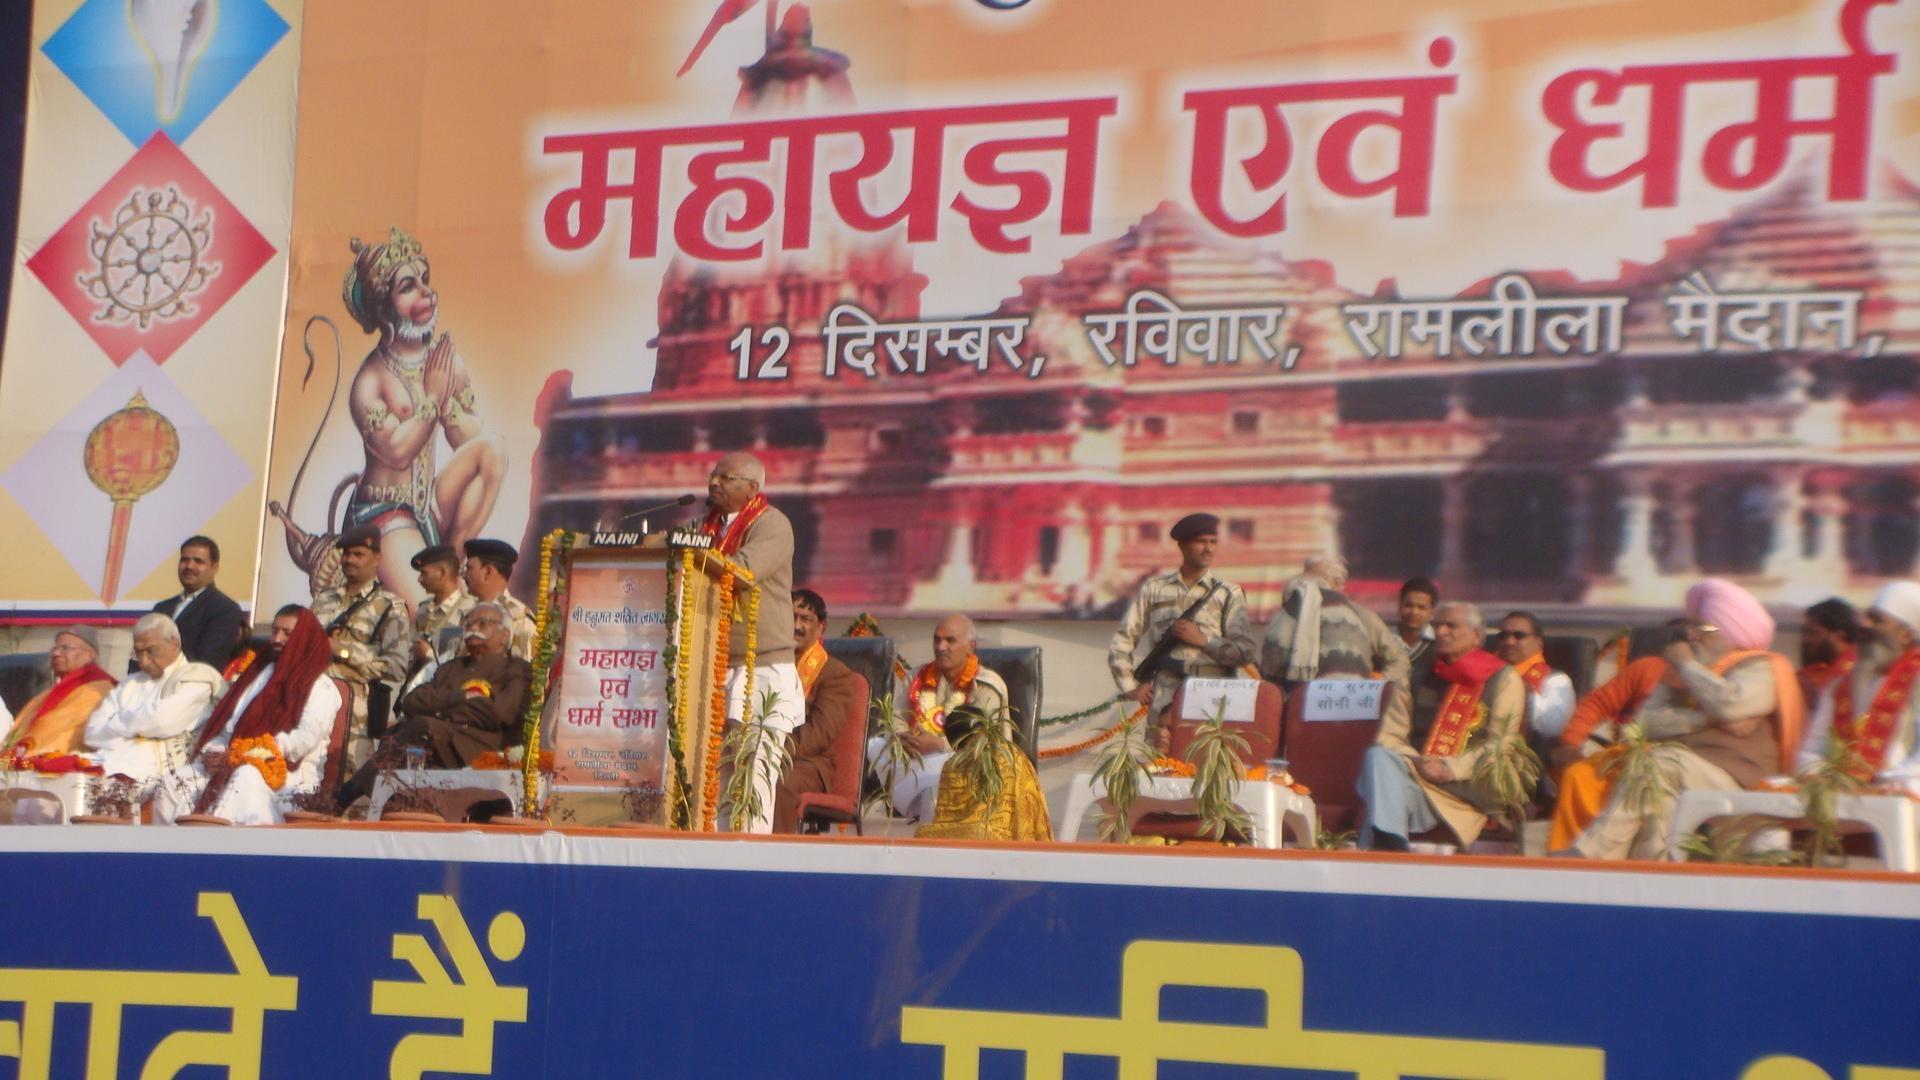 RAMLILA MAIDAN: New Delhi